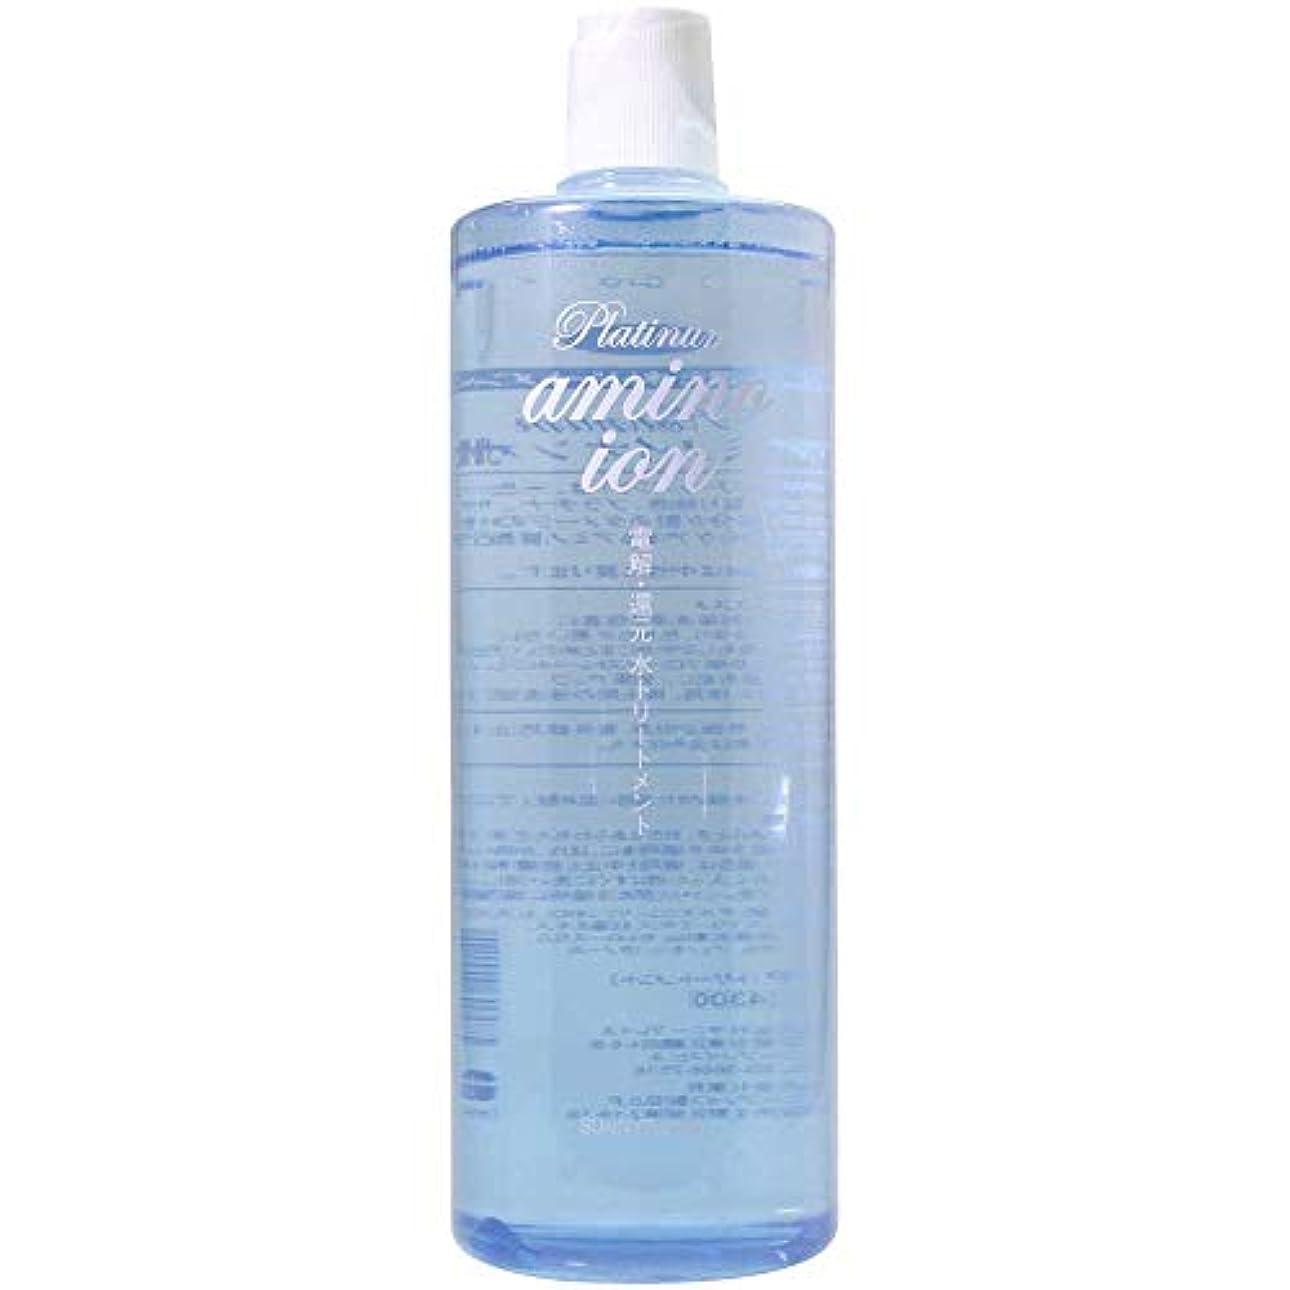 検閲条件付き白いサニープレイス プラチナアミノイオン水 1L [cosme]